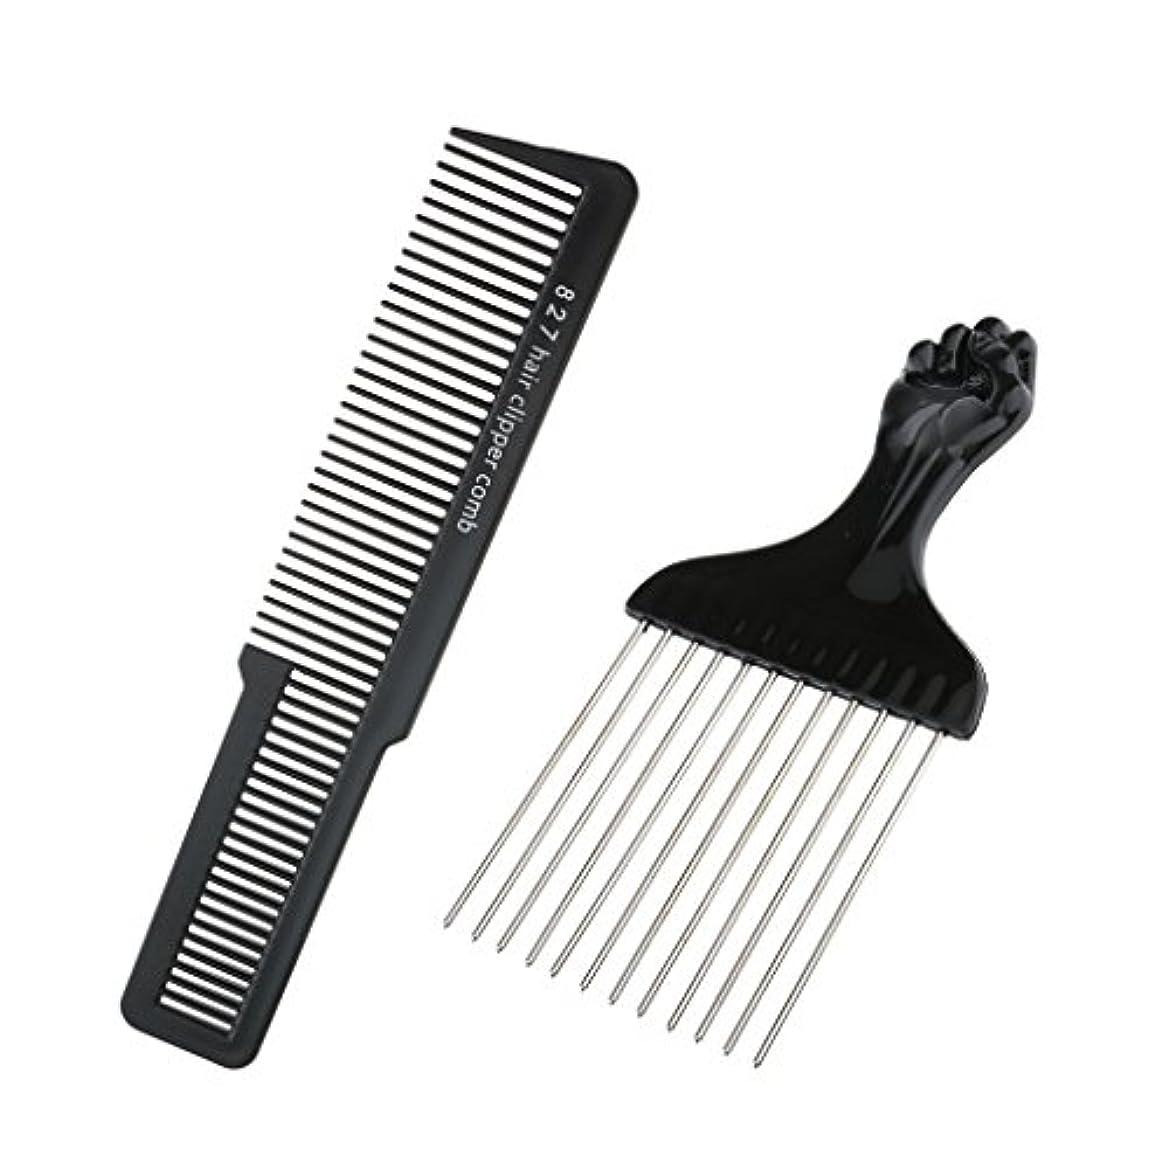 出くわす散文広大な美容院の理髪師のヘアスタイリングセットの毛の切断のクリッパーの櫛セットが付いている黒いステンレス鋼のアフロピックブラシ